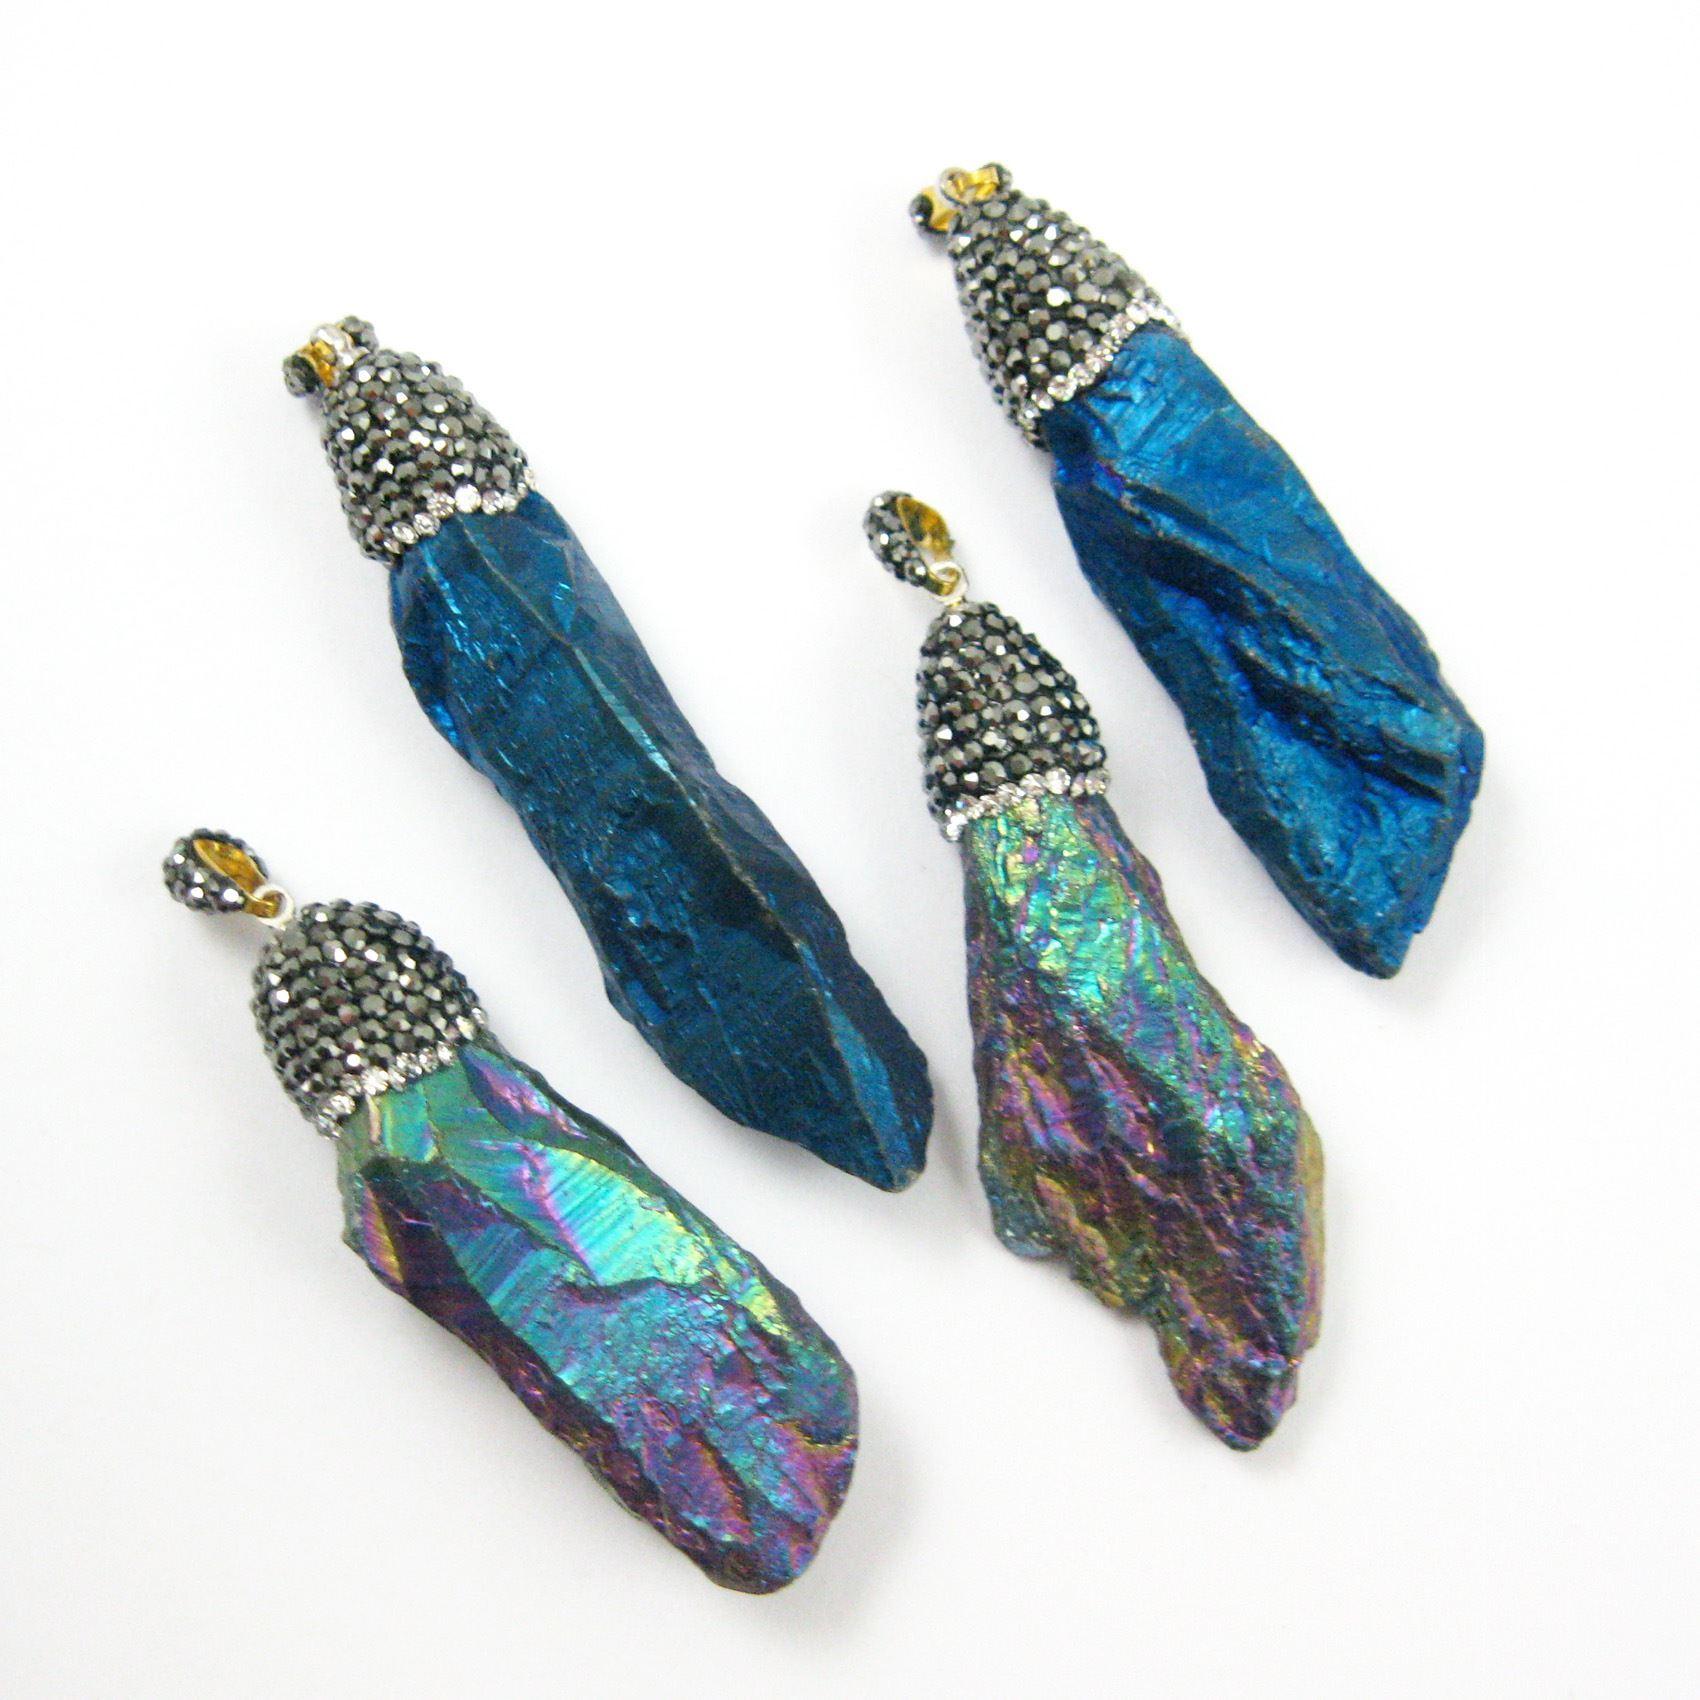 Druzy Natural Titanium Quartz Pendant, Large Titanium Pendant, Zircon Pave Long Organic Pendulum Pendant-Blue